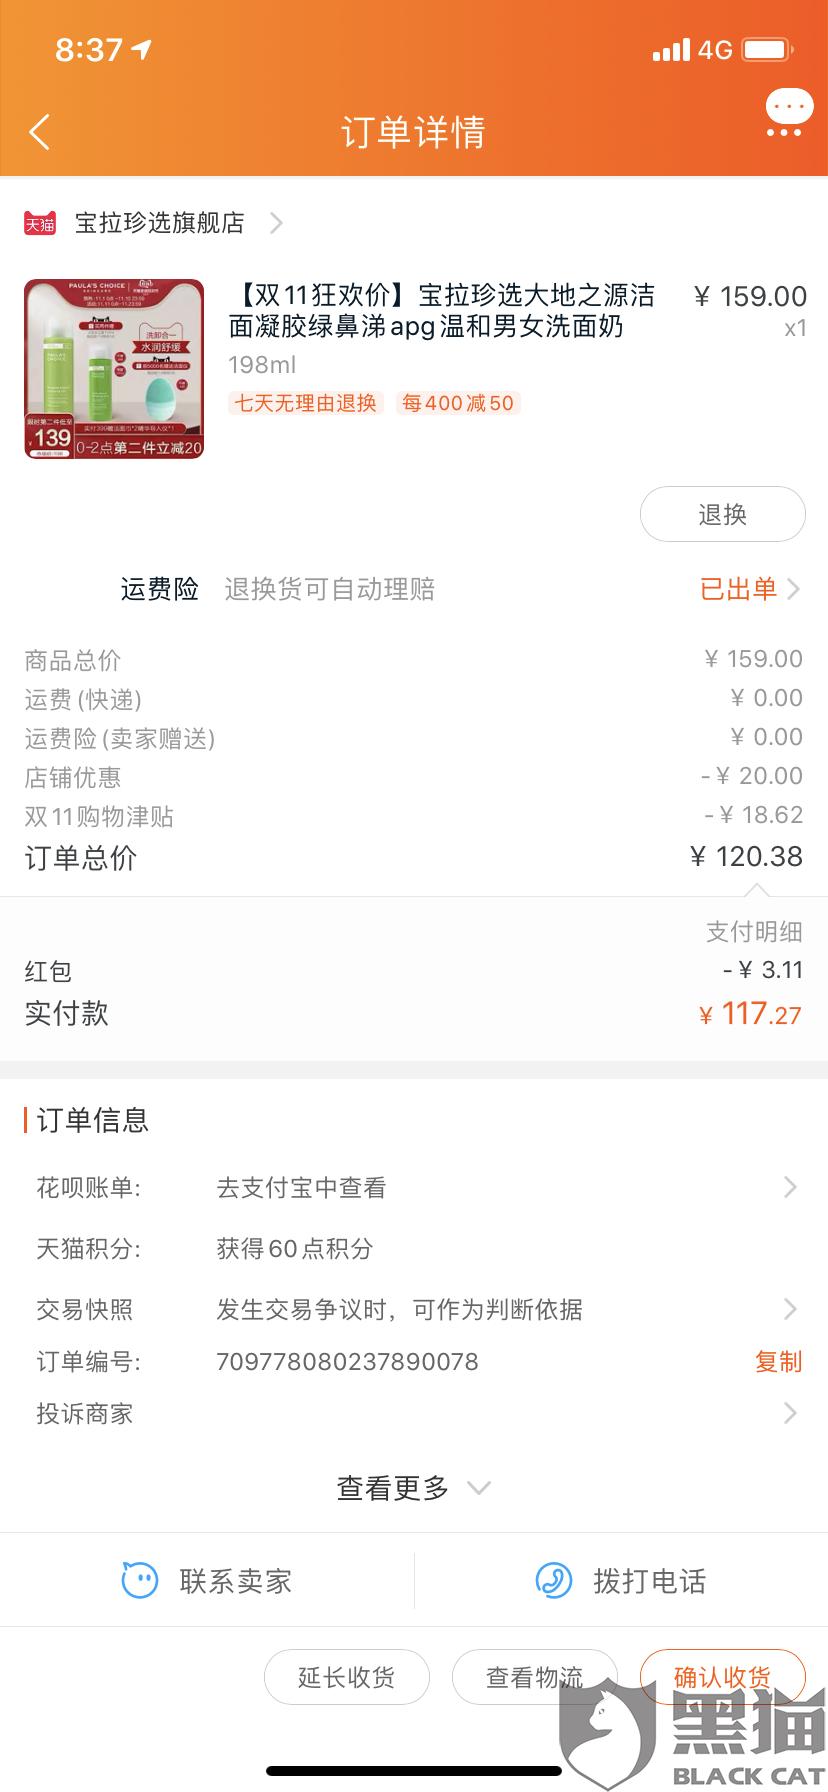 黑猫投诉:宝拉珍选旗舰店虚假宣传